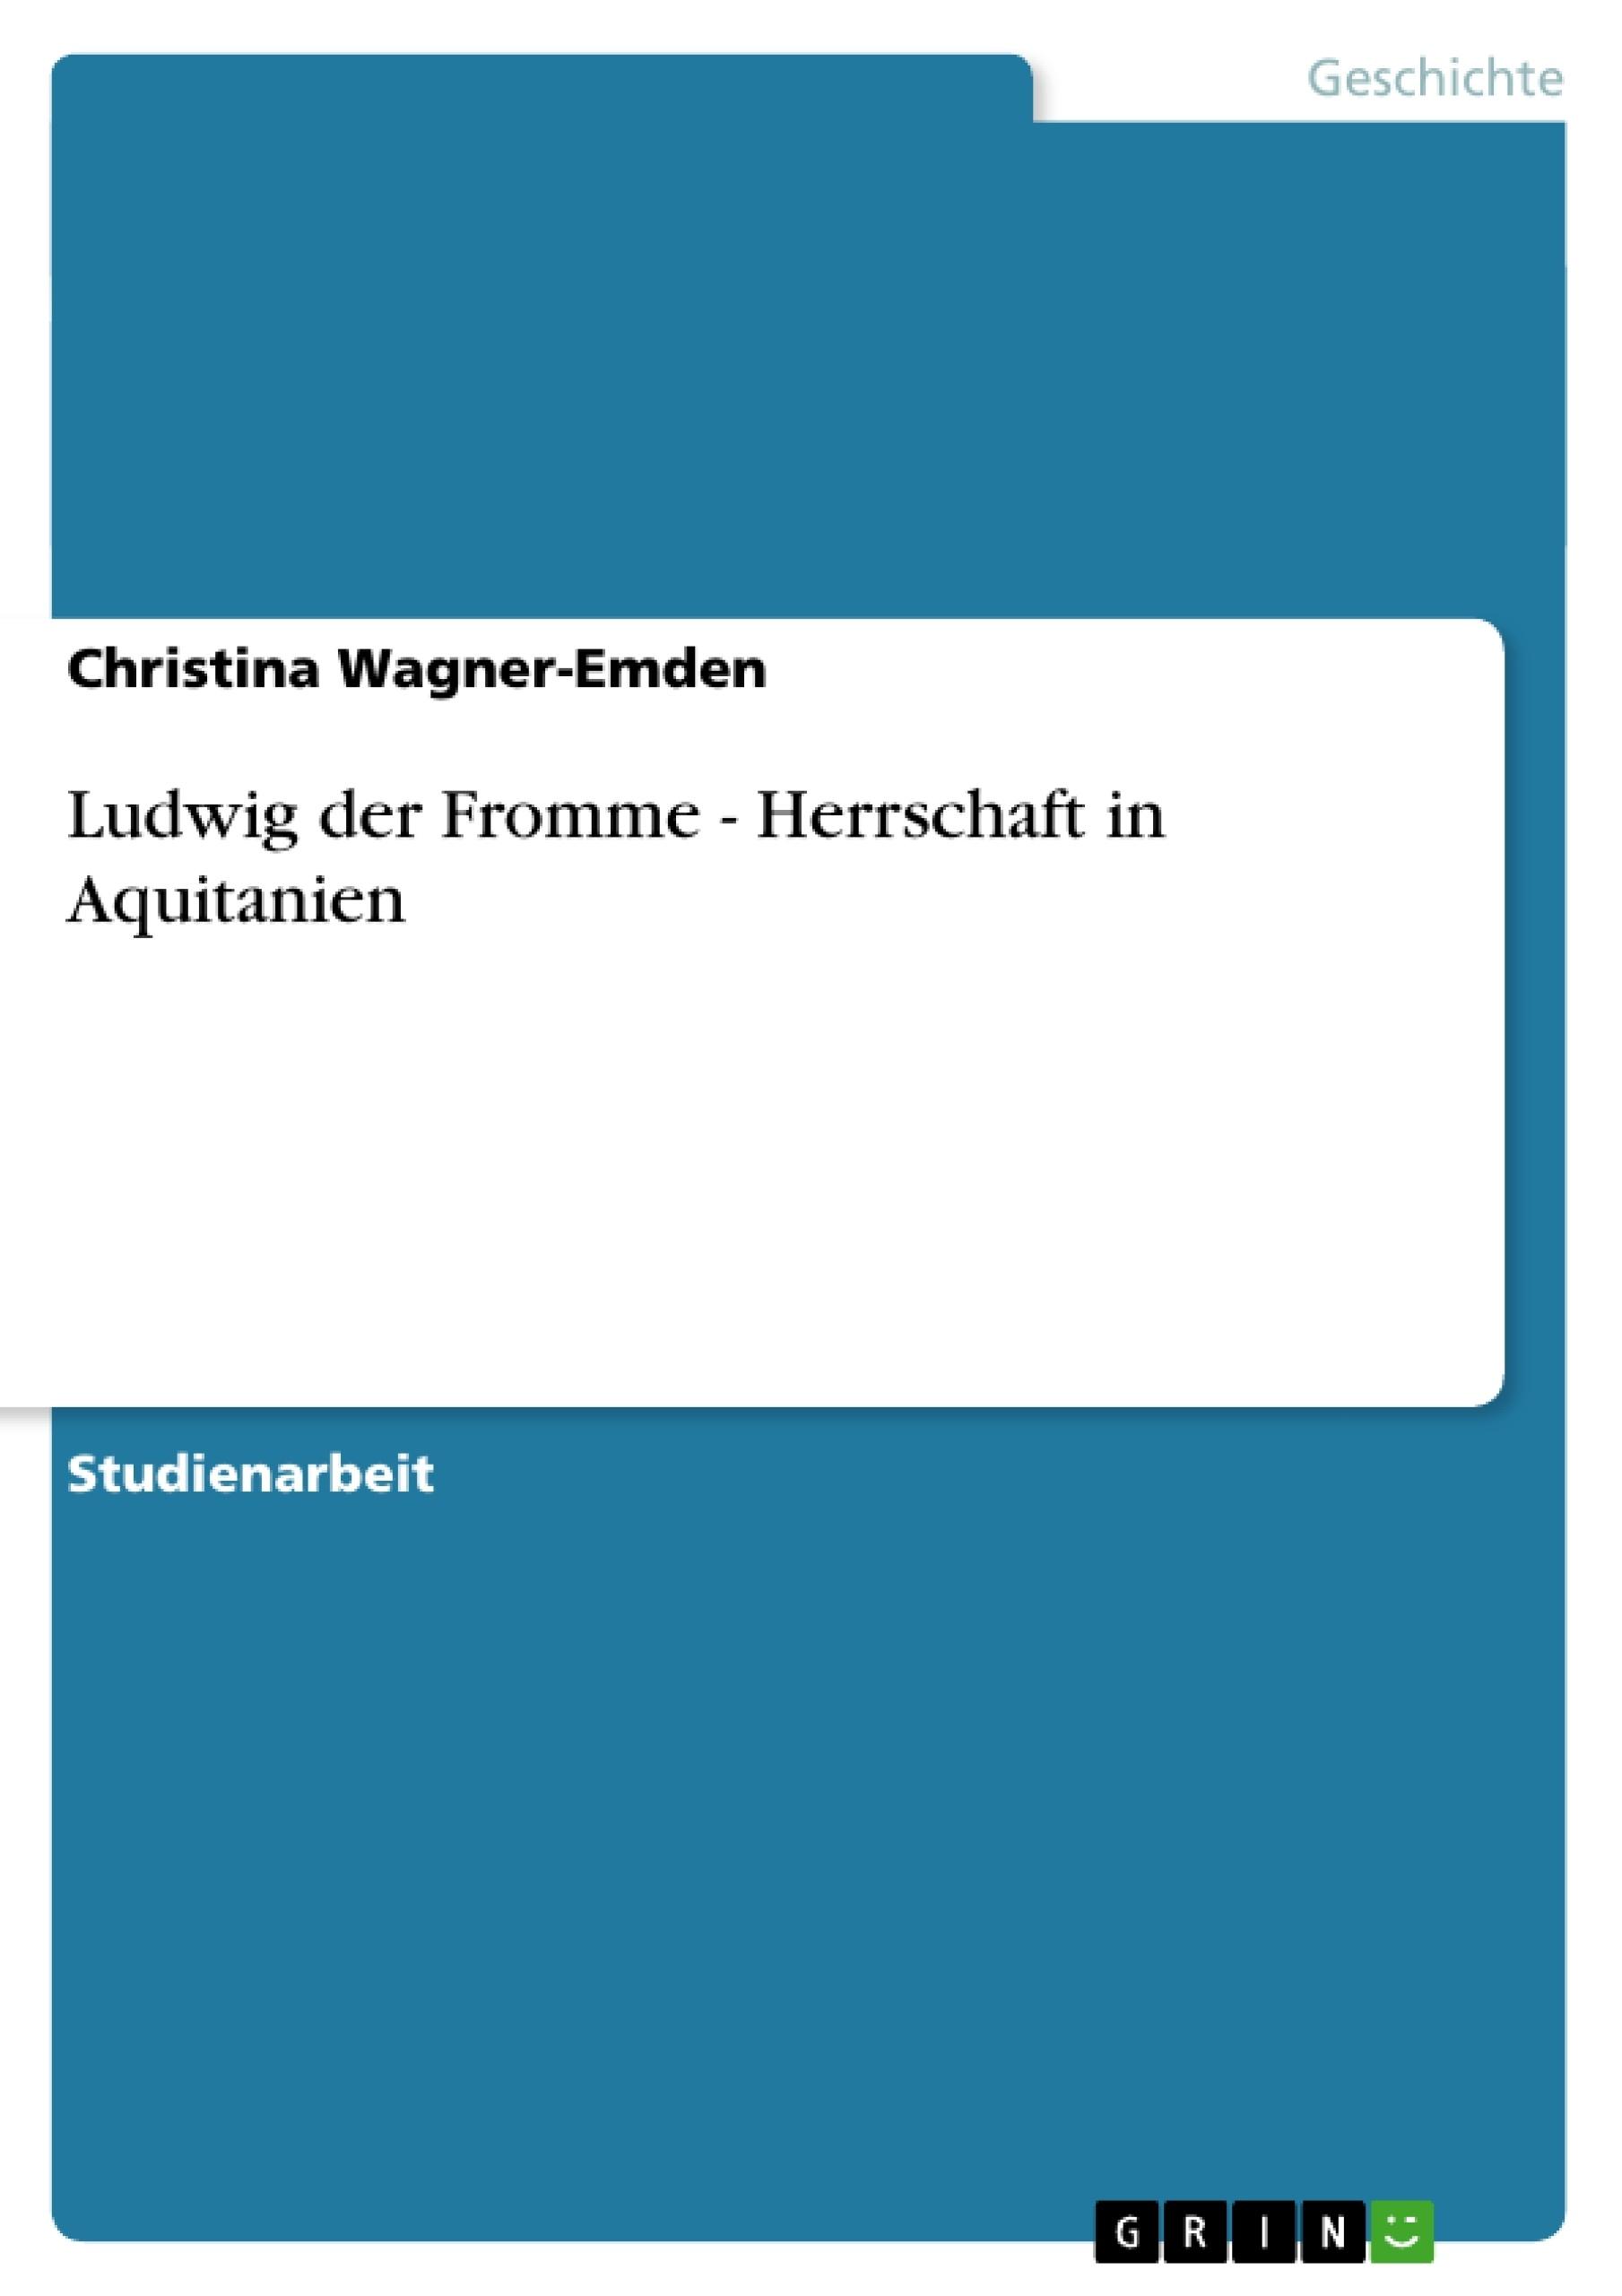 Titel: Ludwig der Fromme - Herrschaft in Aquitanien